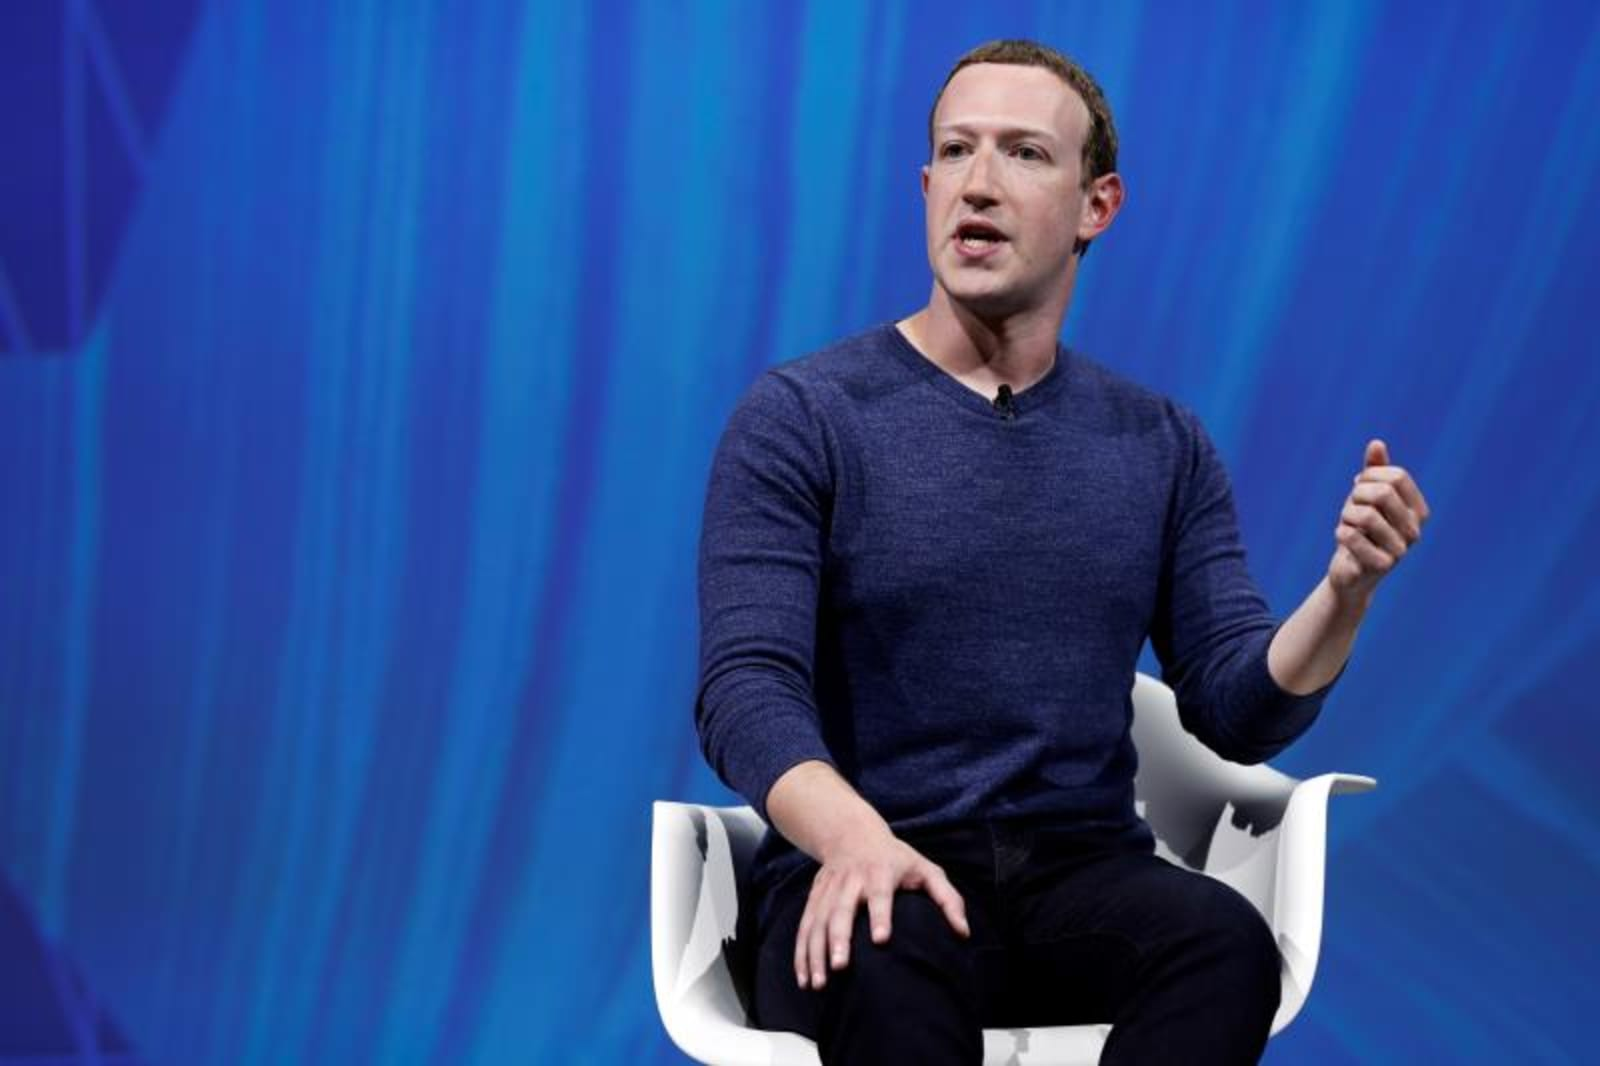 Zuckerberg quiere trabajar con Gobiernos para regular las redes sociales